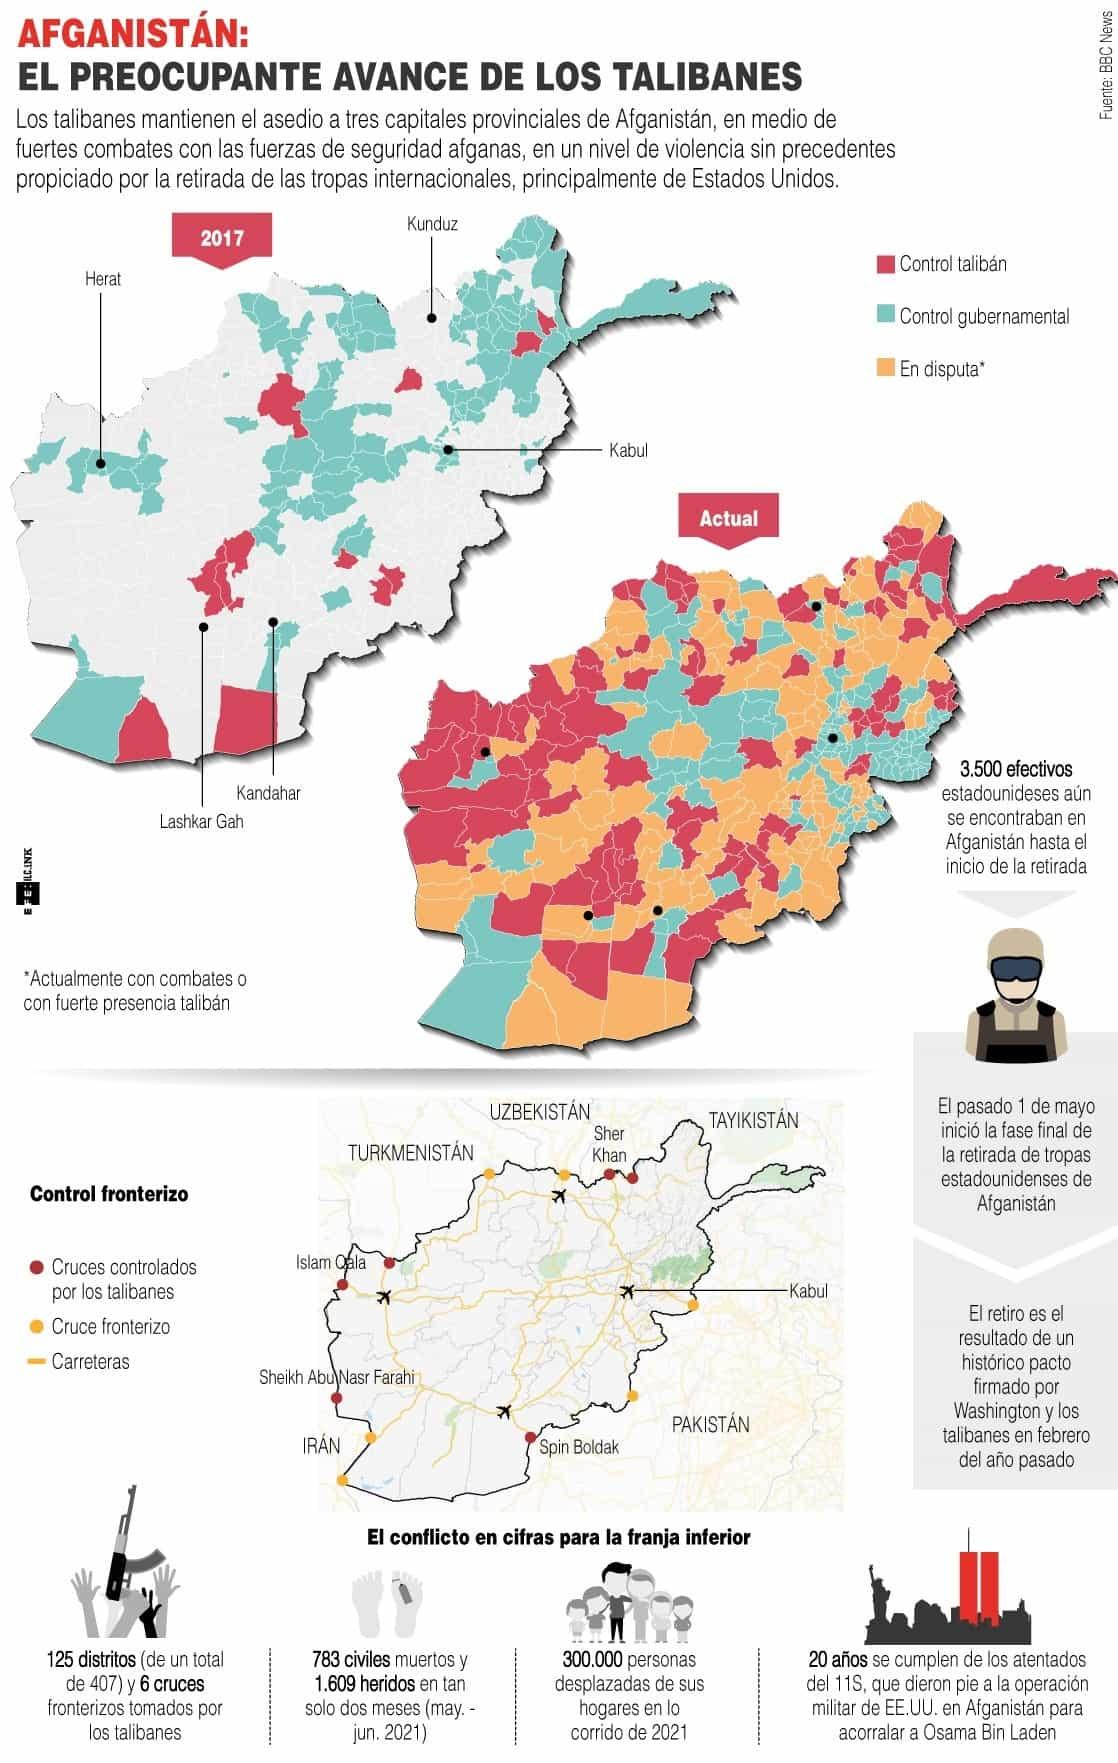 [Infografía] Afganistán culpa a EE. UU. del avance talibán, que asedia tres ciudades clave 1